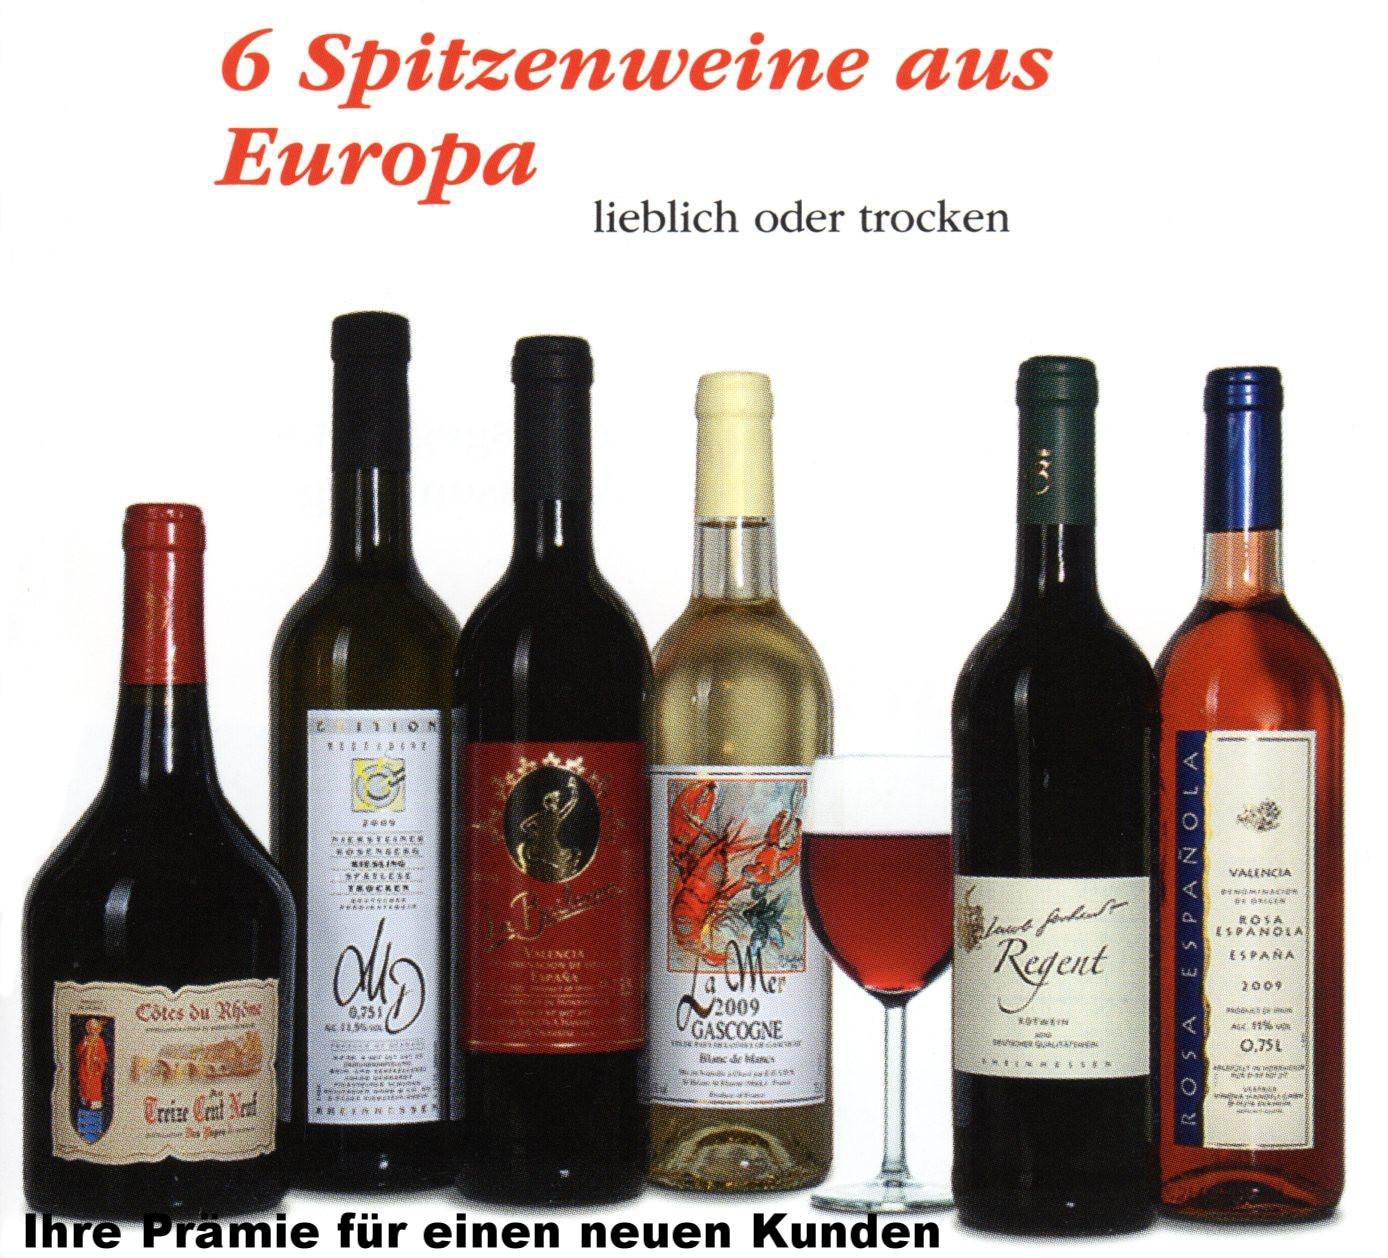 6 Flaschen Wein trocken oder lieblich